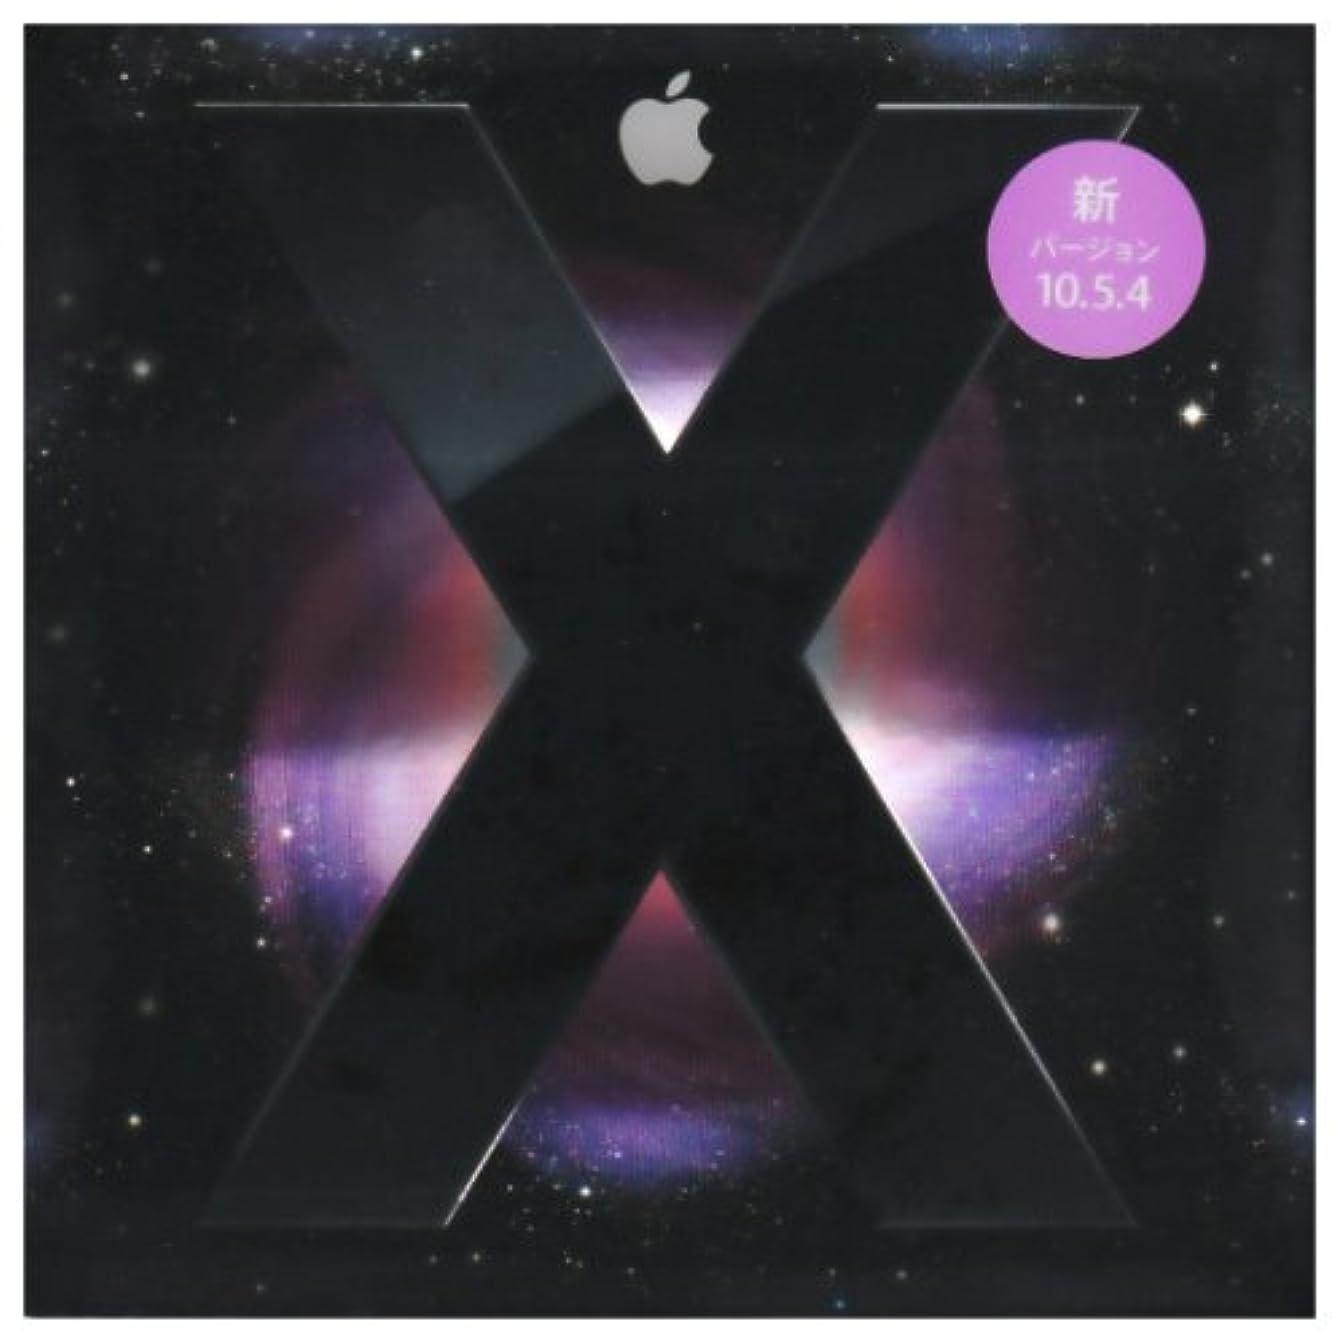 データム黒人欠員Mac OS X 10.5.4 Leopard